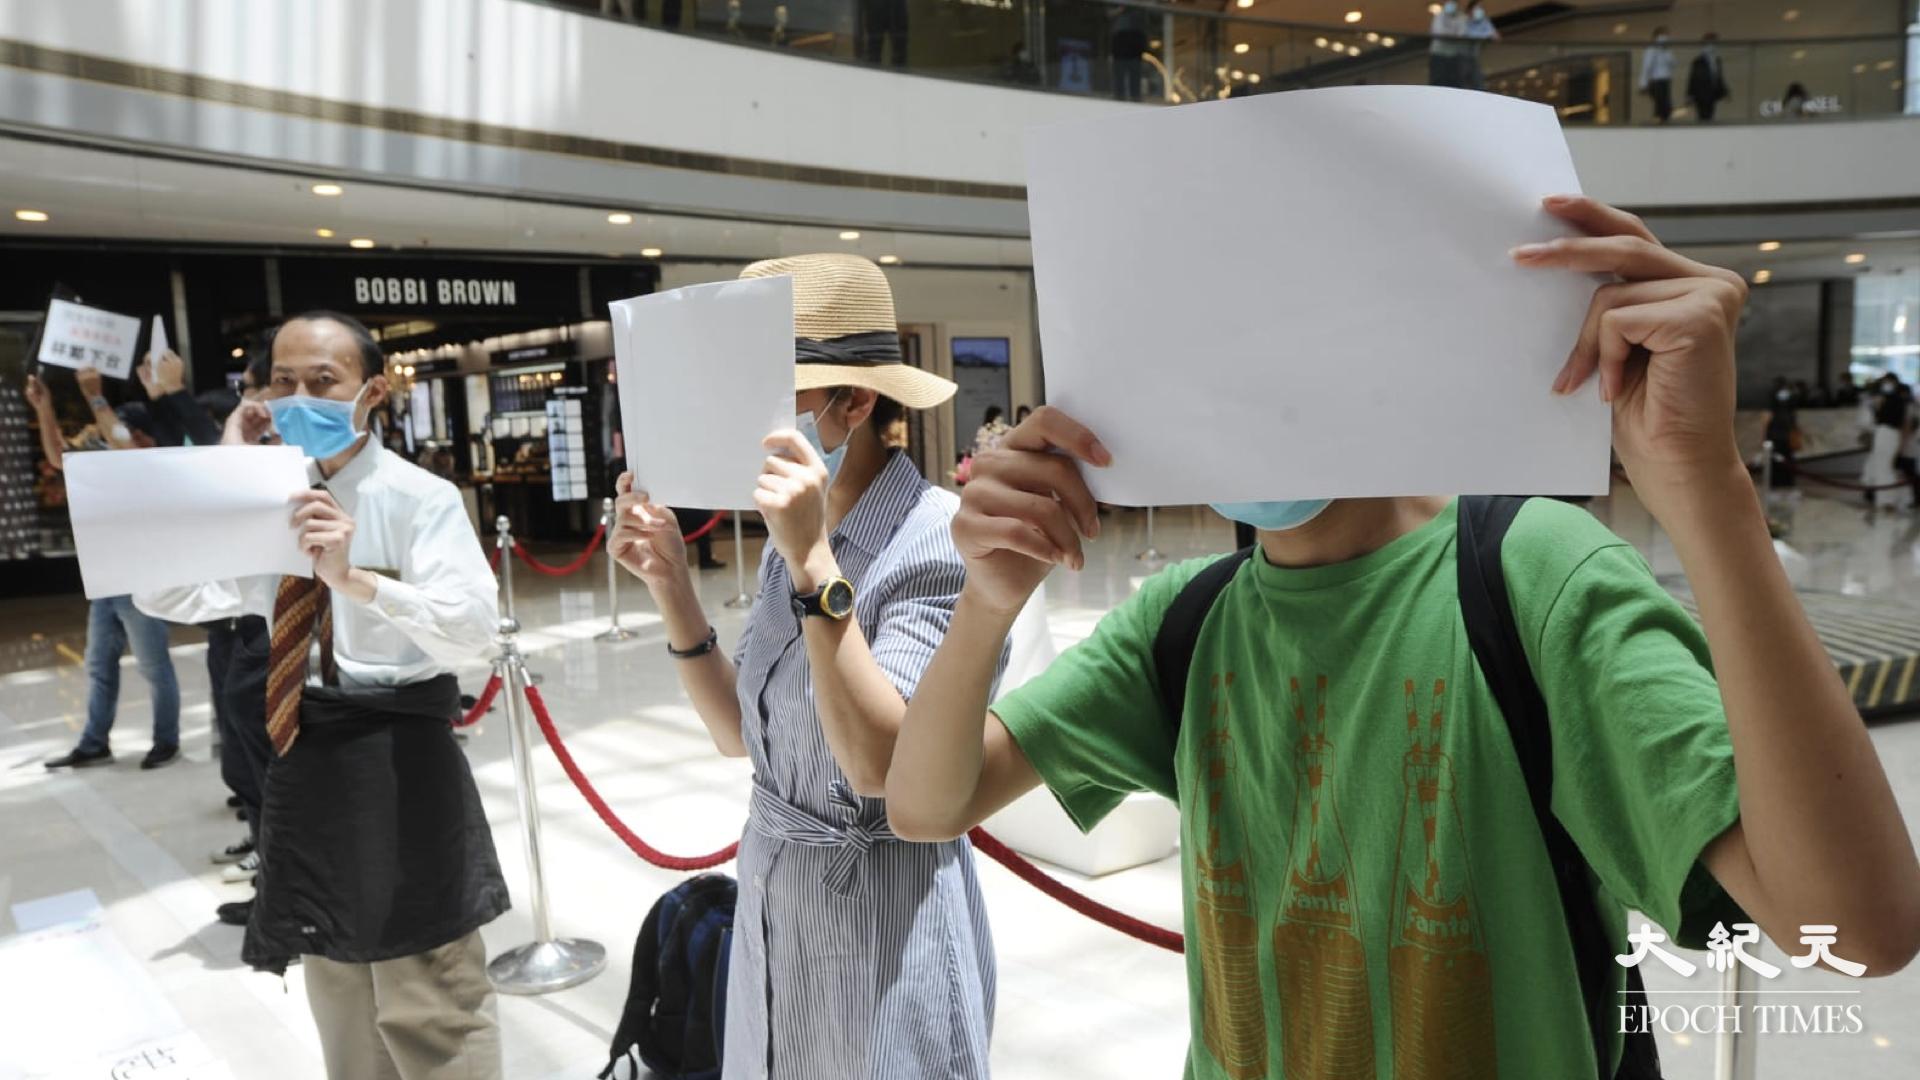 政府不讓提「光復香港,時代革命」的字眼,抗爭者就手舉無字天書,此時無聲勝有聲。(宋碧龍 / 大紀元)